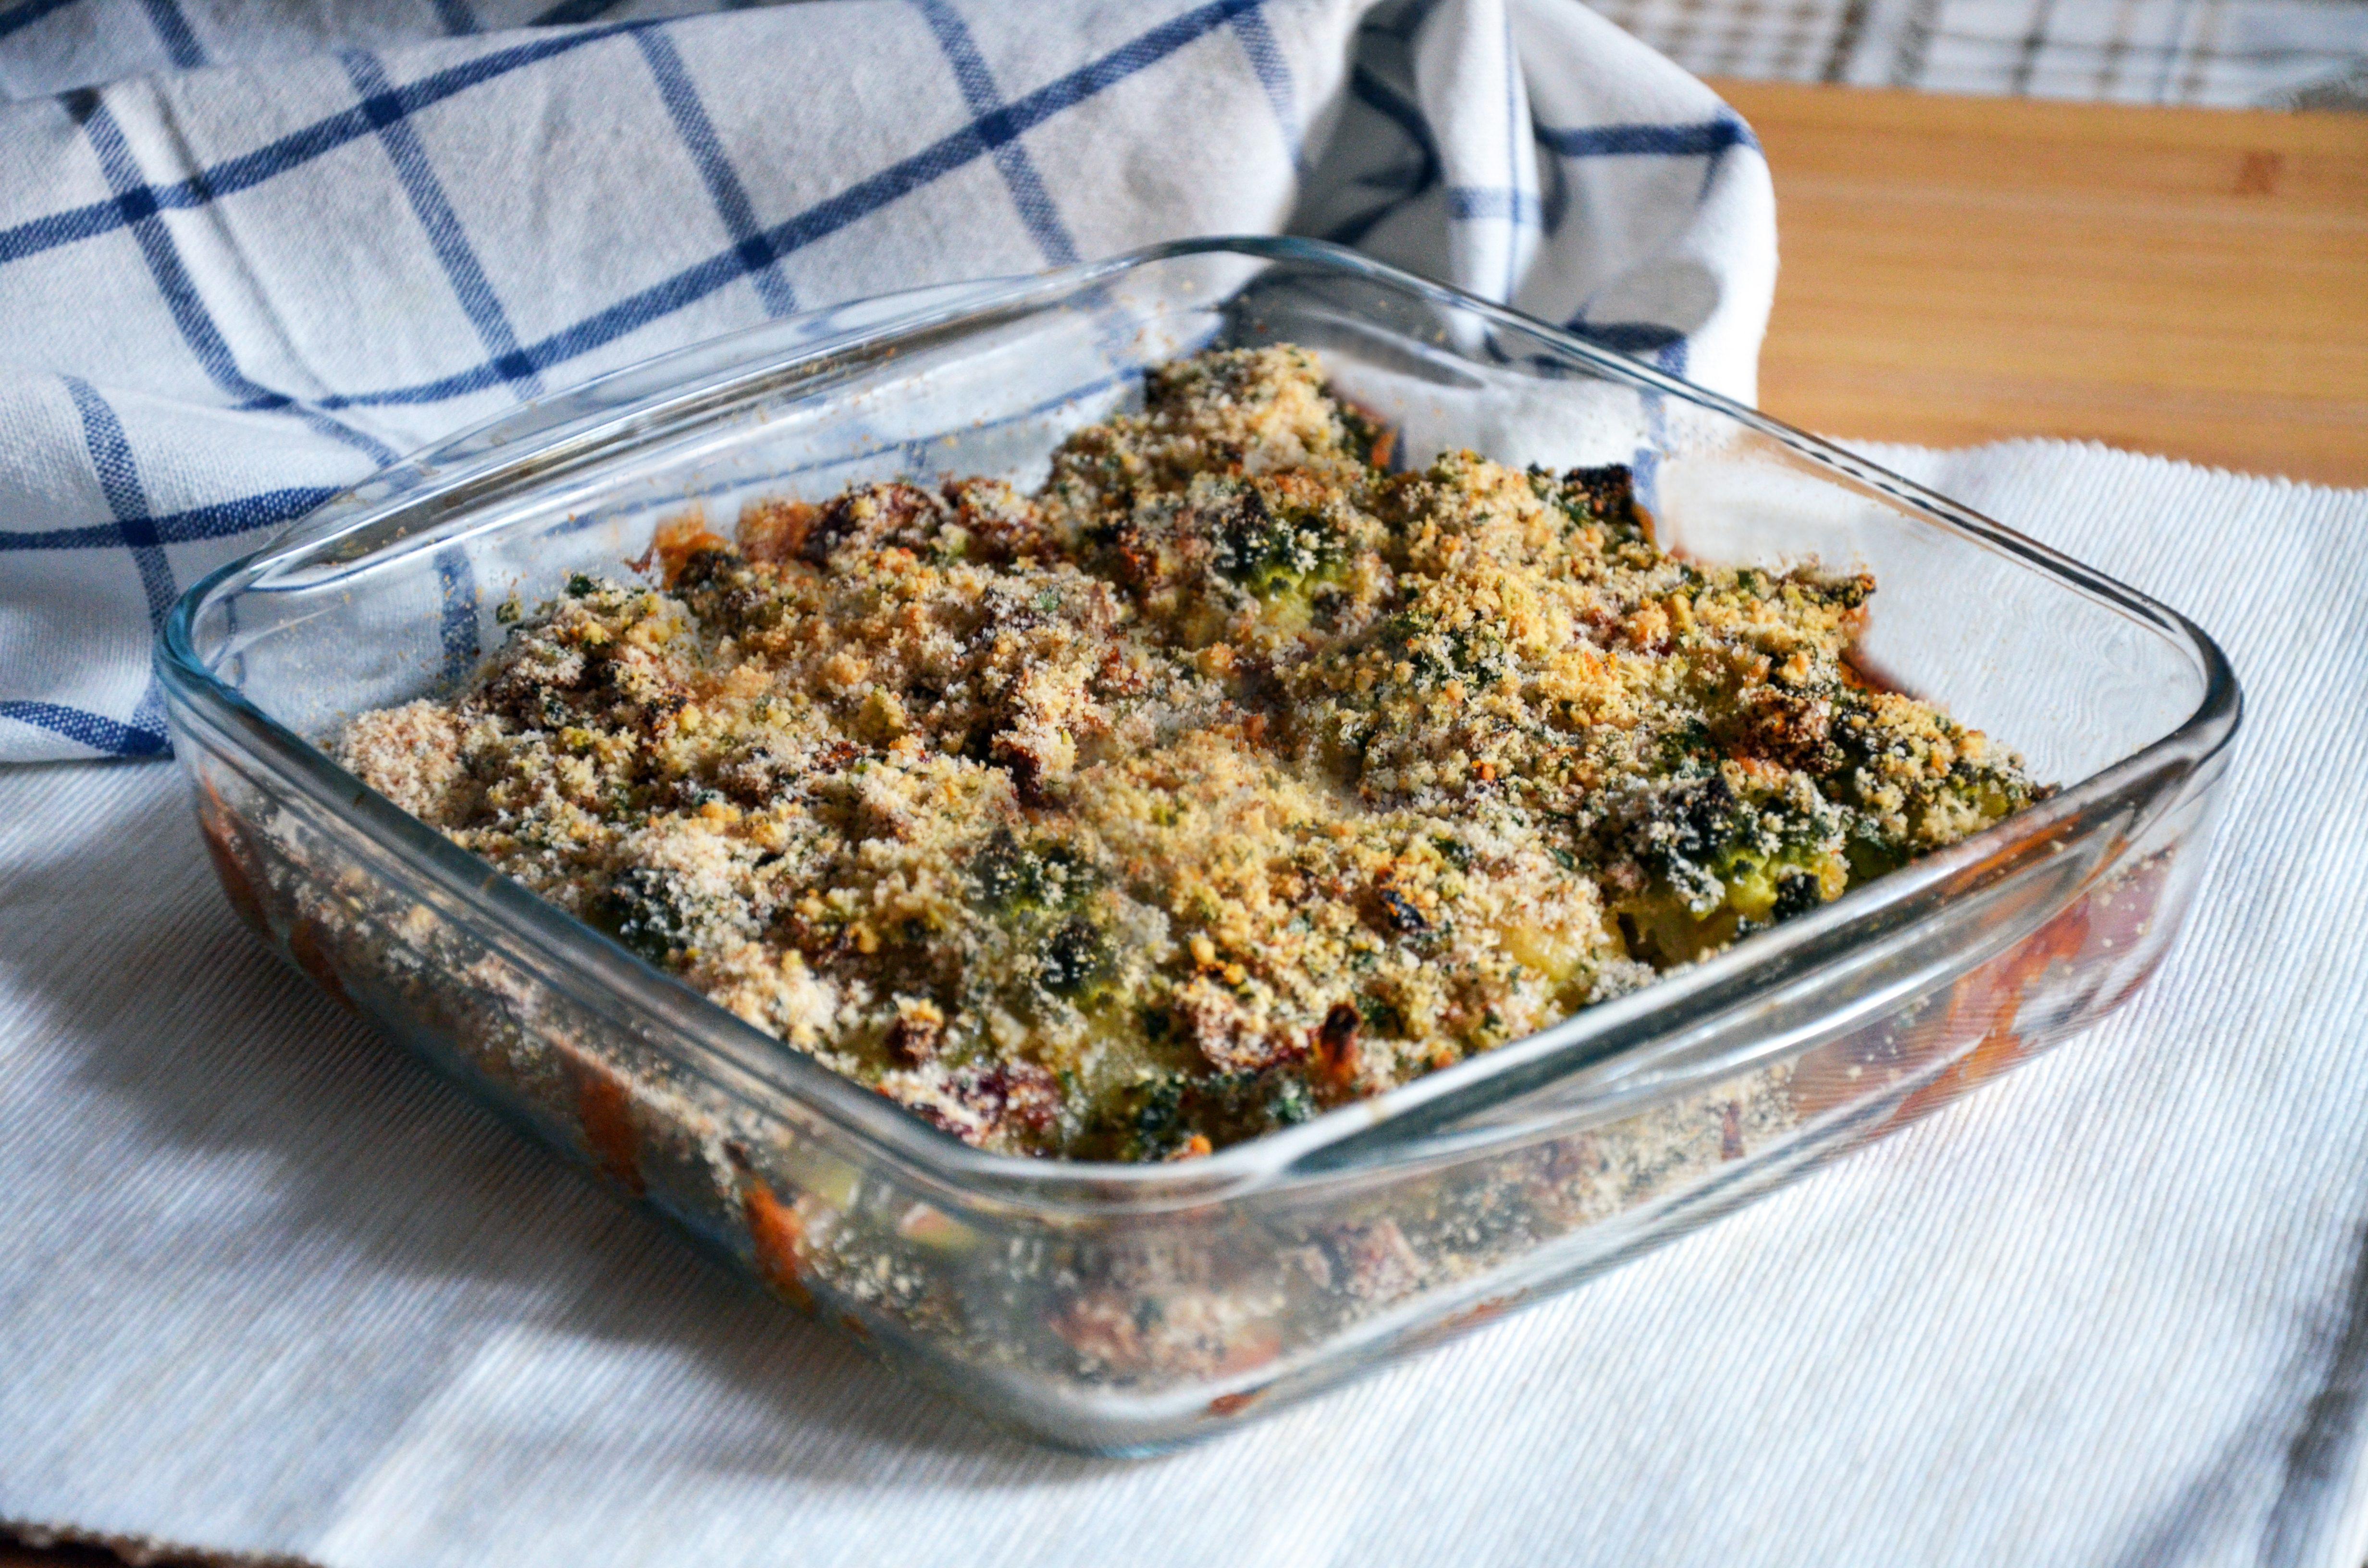 Broccolo romano gratinato: la ricetta del contorno sfizioso e nutriente